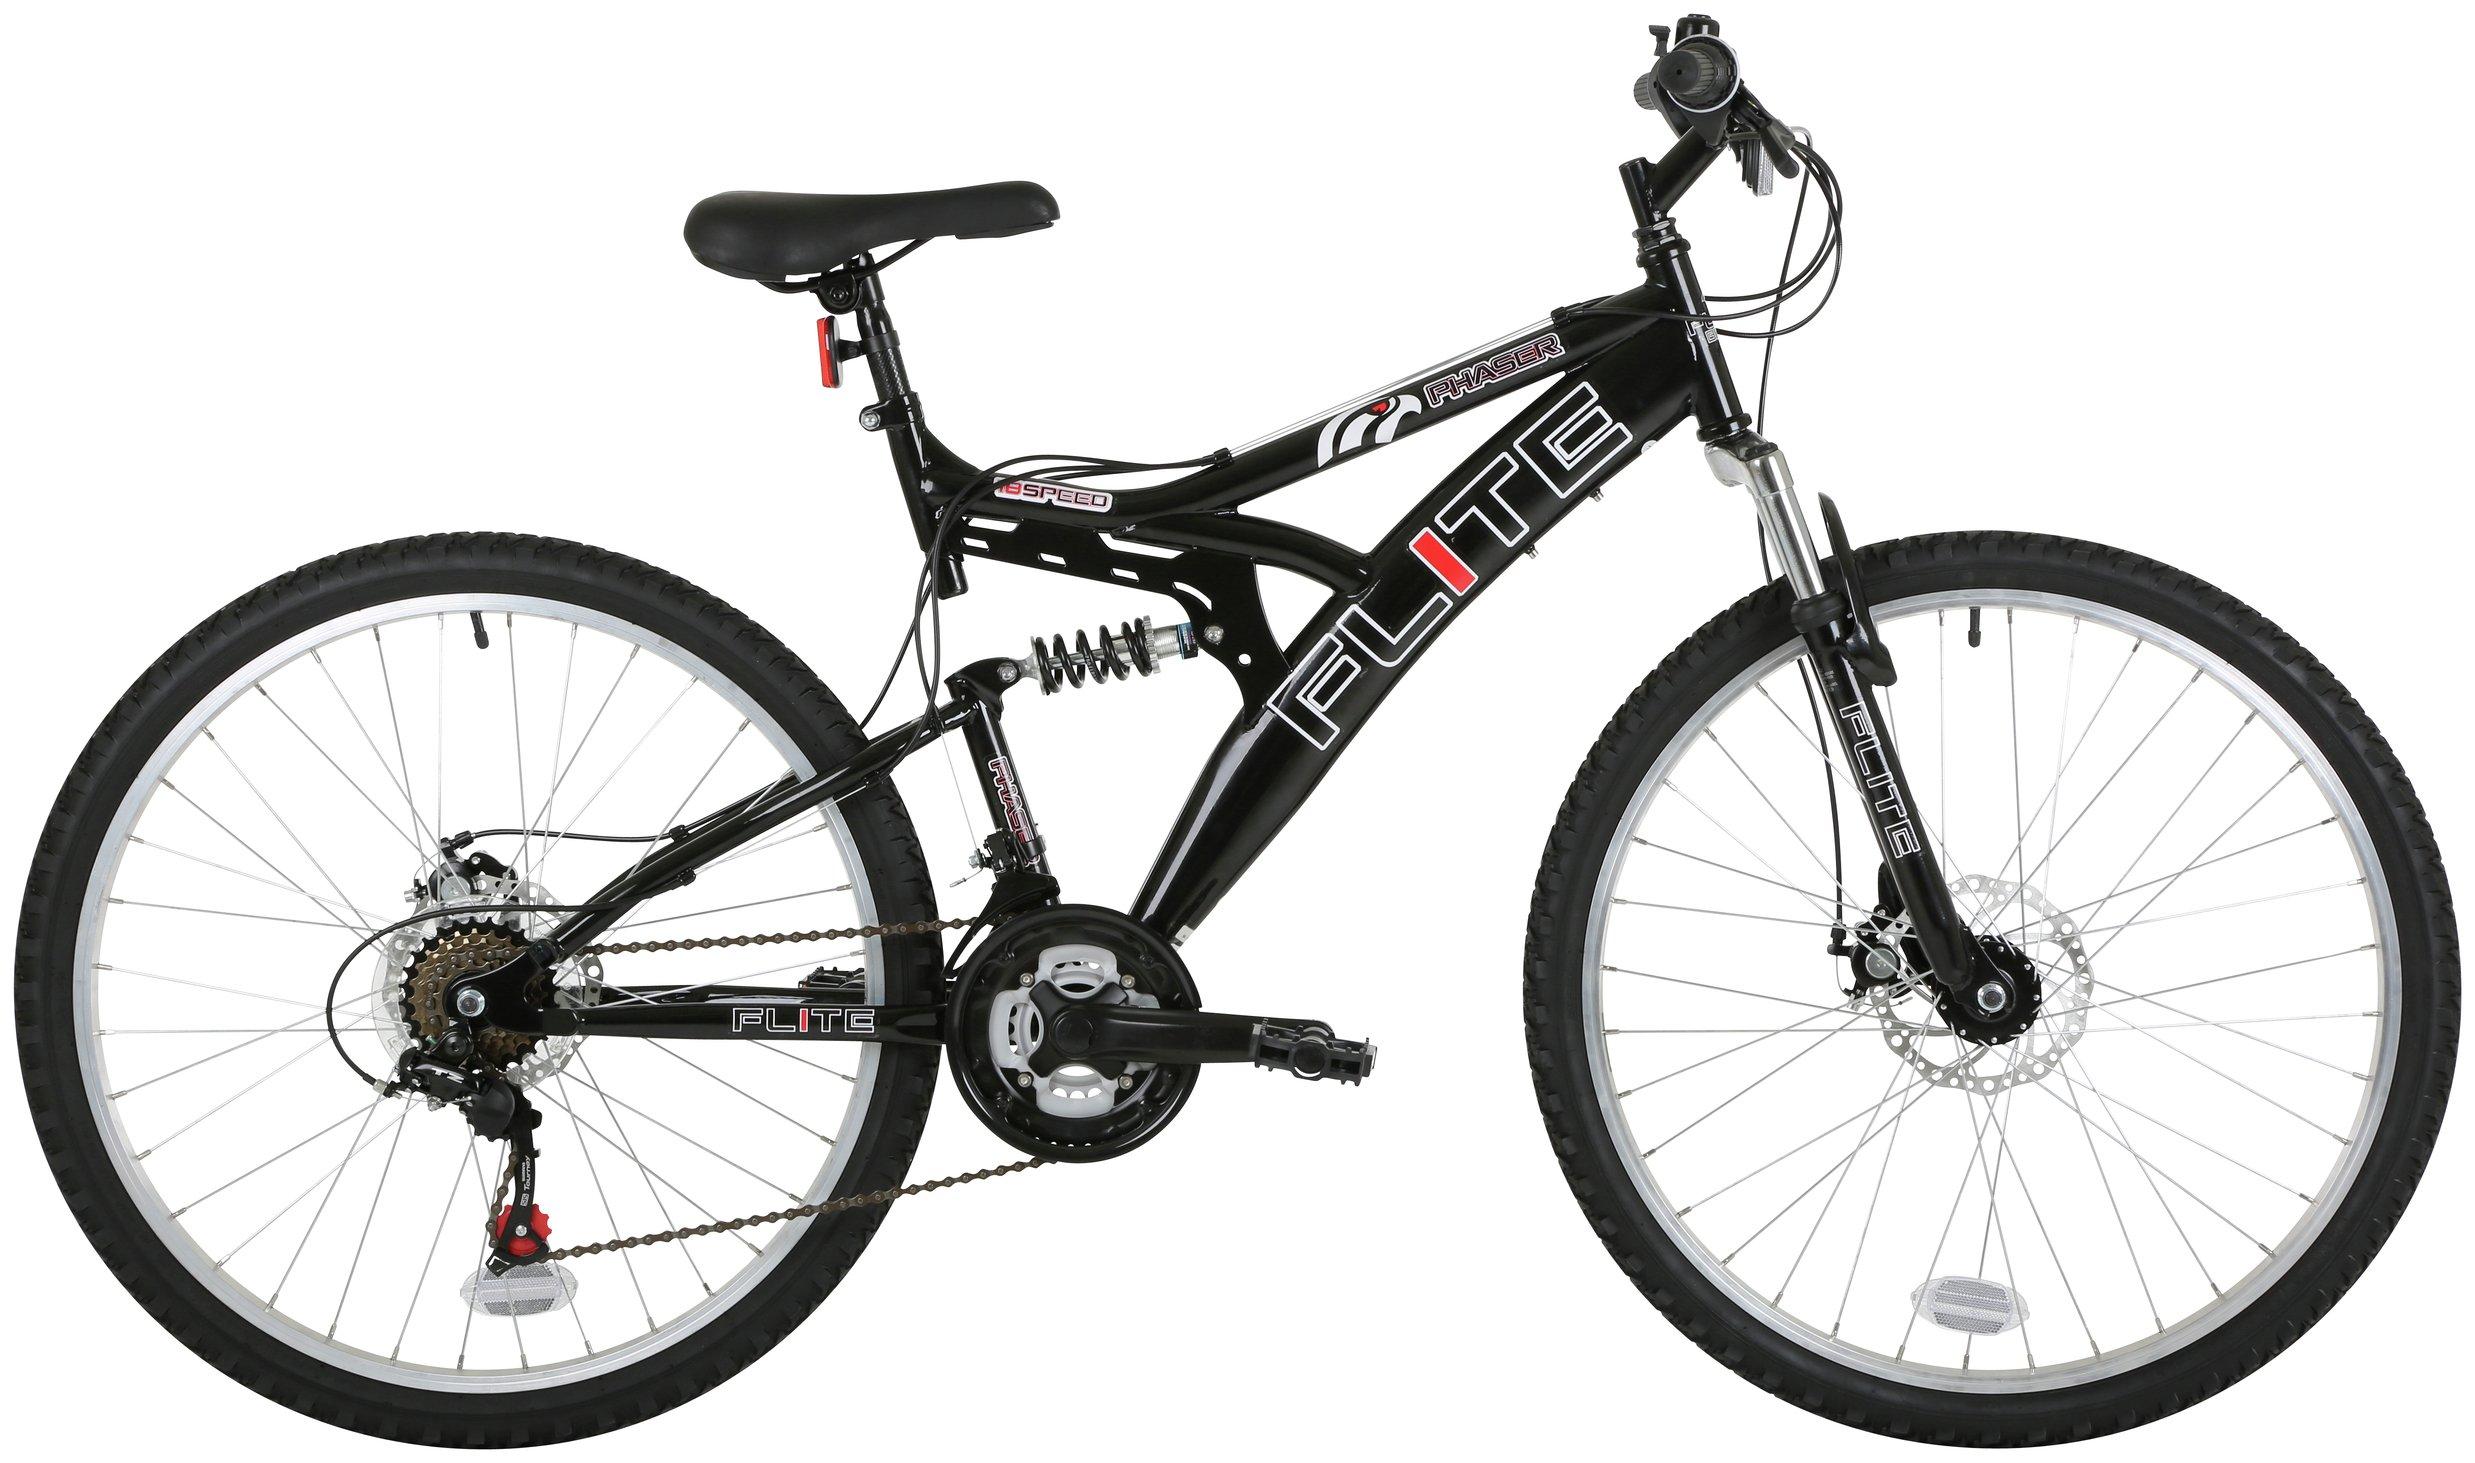 Image of Flite Phaser - 2 - 26 Inch FS Mountain Bike - Mens